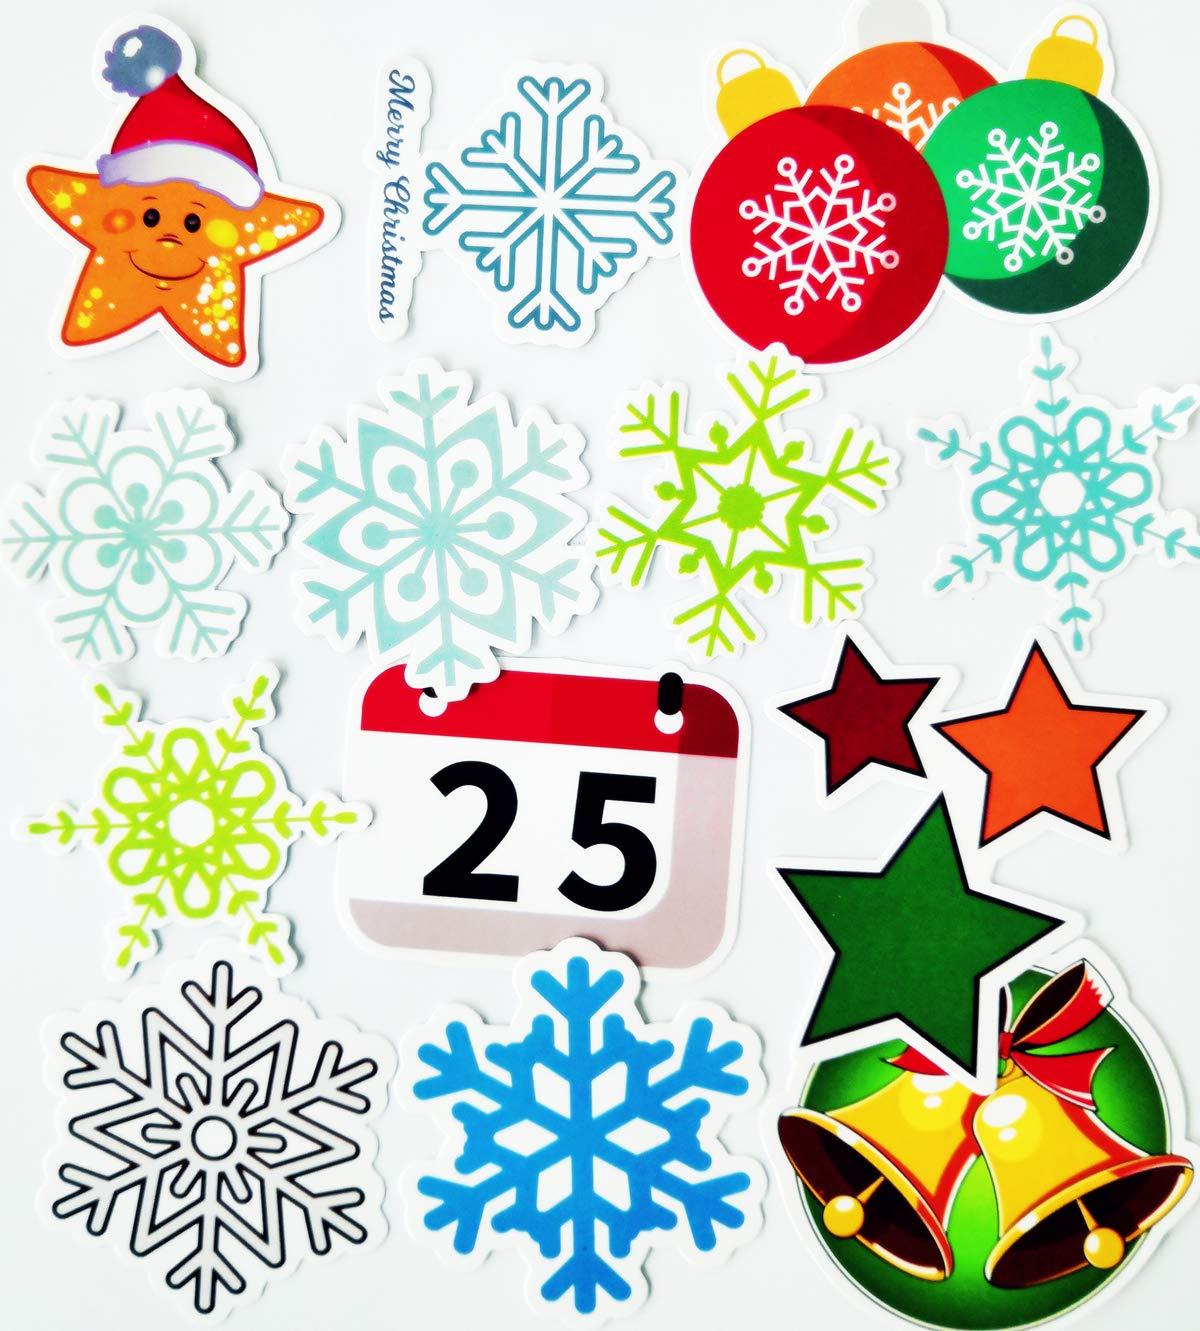 ... Navidad Mejor Vinilo de Las Etiquetas engomadas Pack - para Laptop Tabla De Snowboard Equipaje Maleta Coche de la Bici Pegatina: Amazon.es: Coche y moto